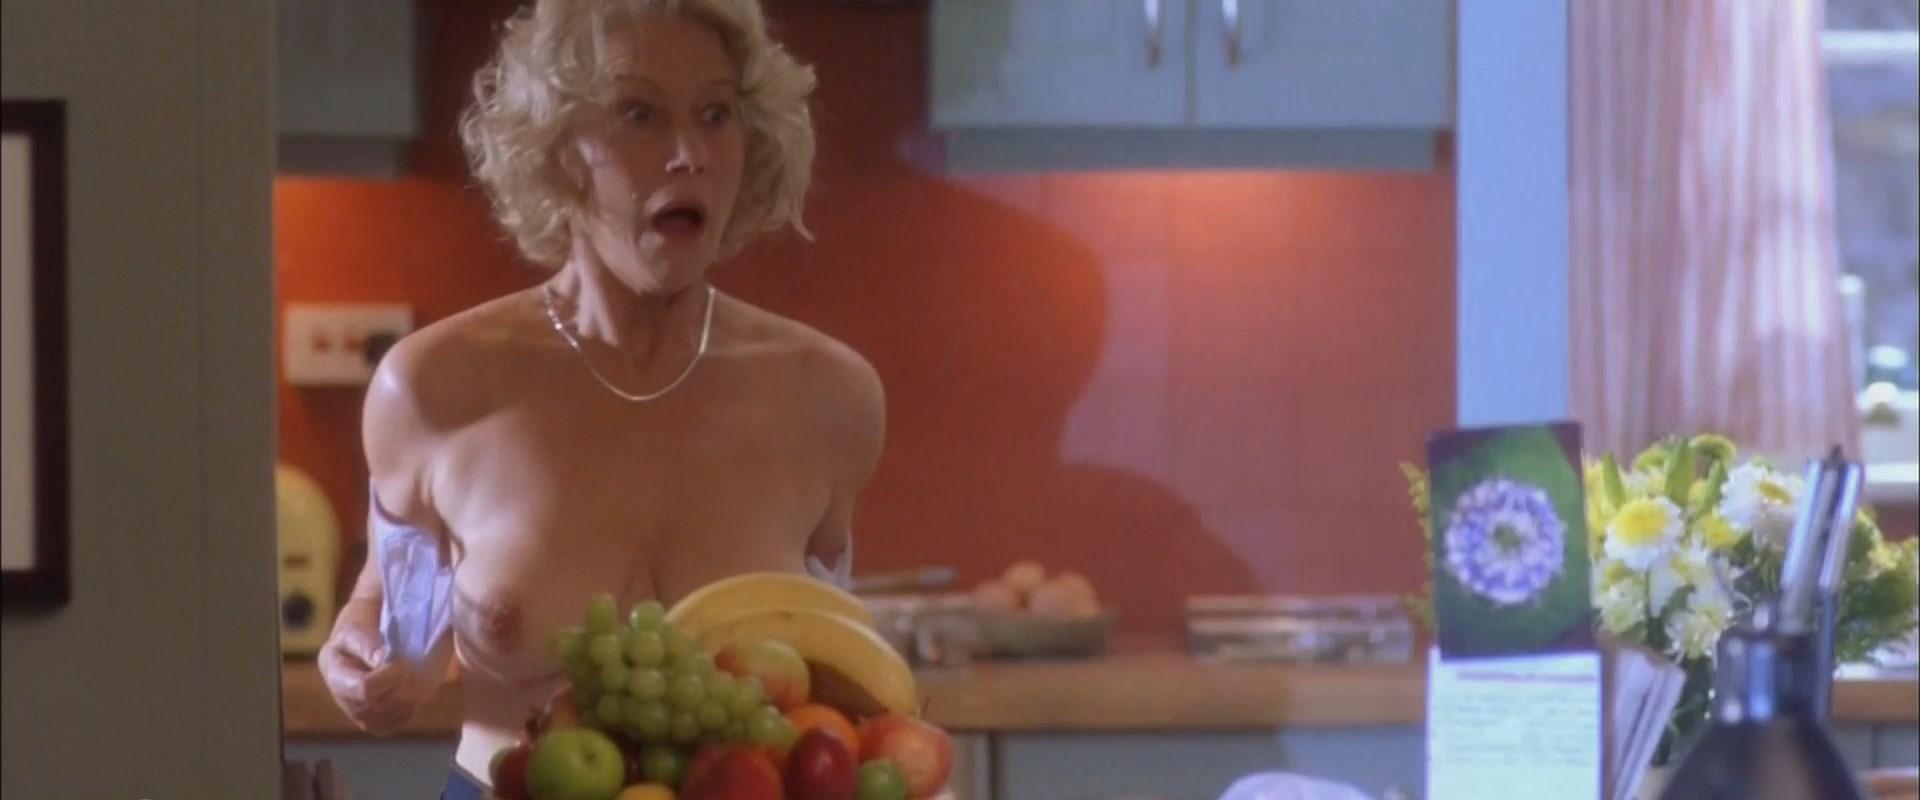 imrie nude Celia